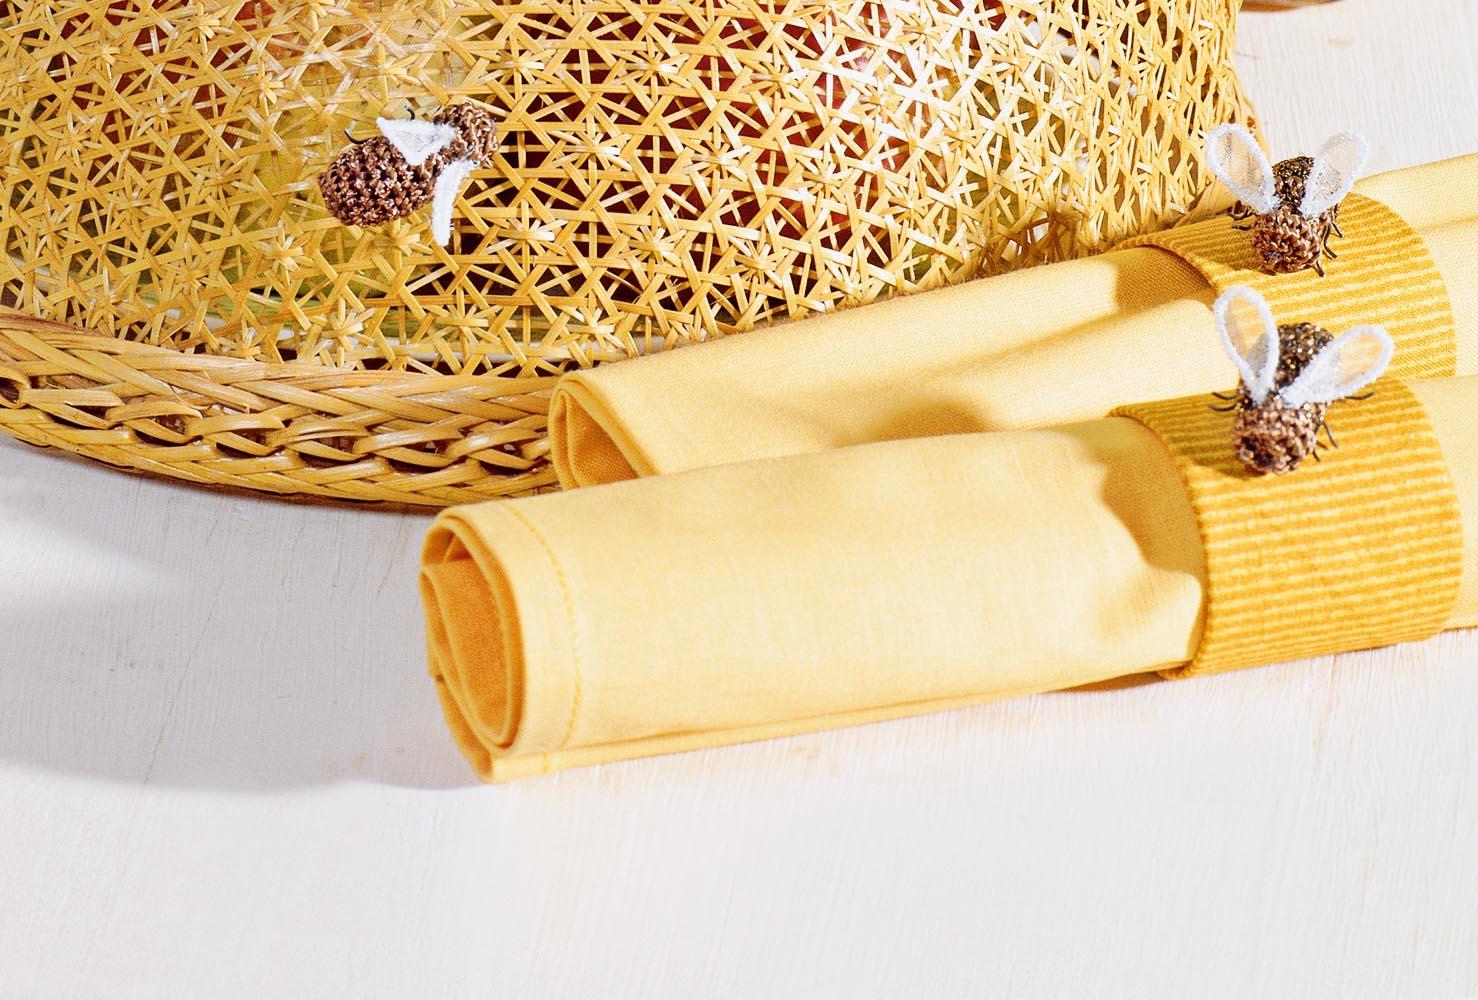 кольца для салфеток схема вязания крючком вяжем салфетки на Verenaru